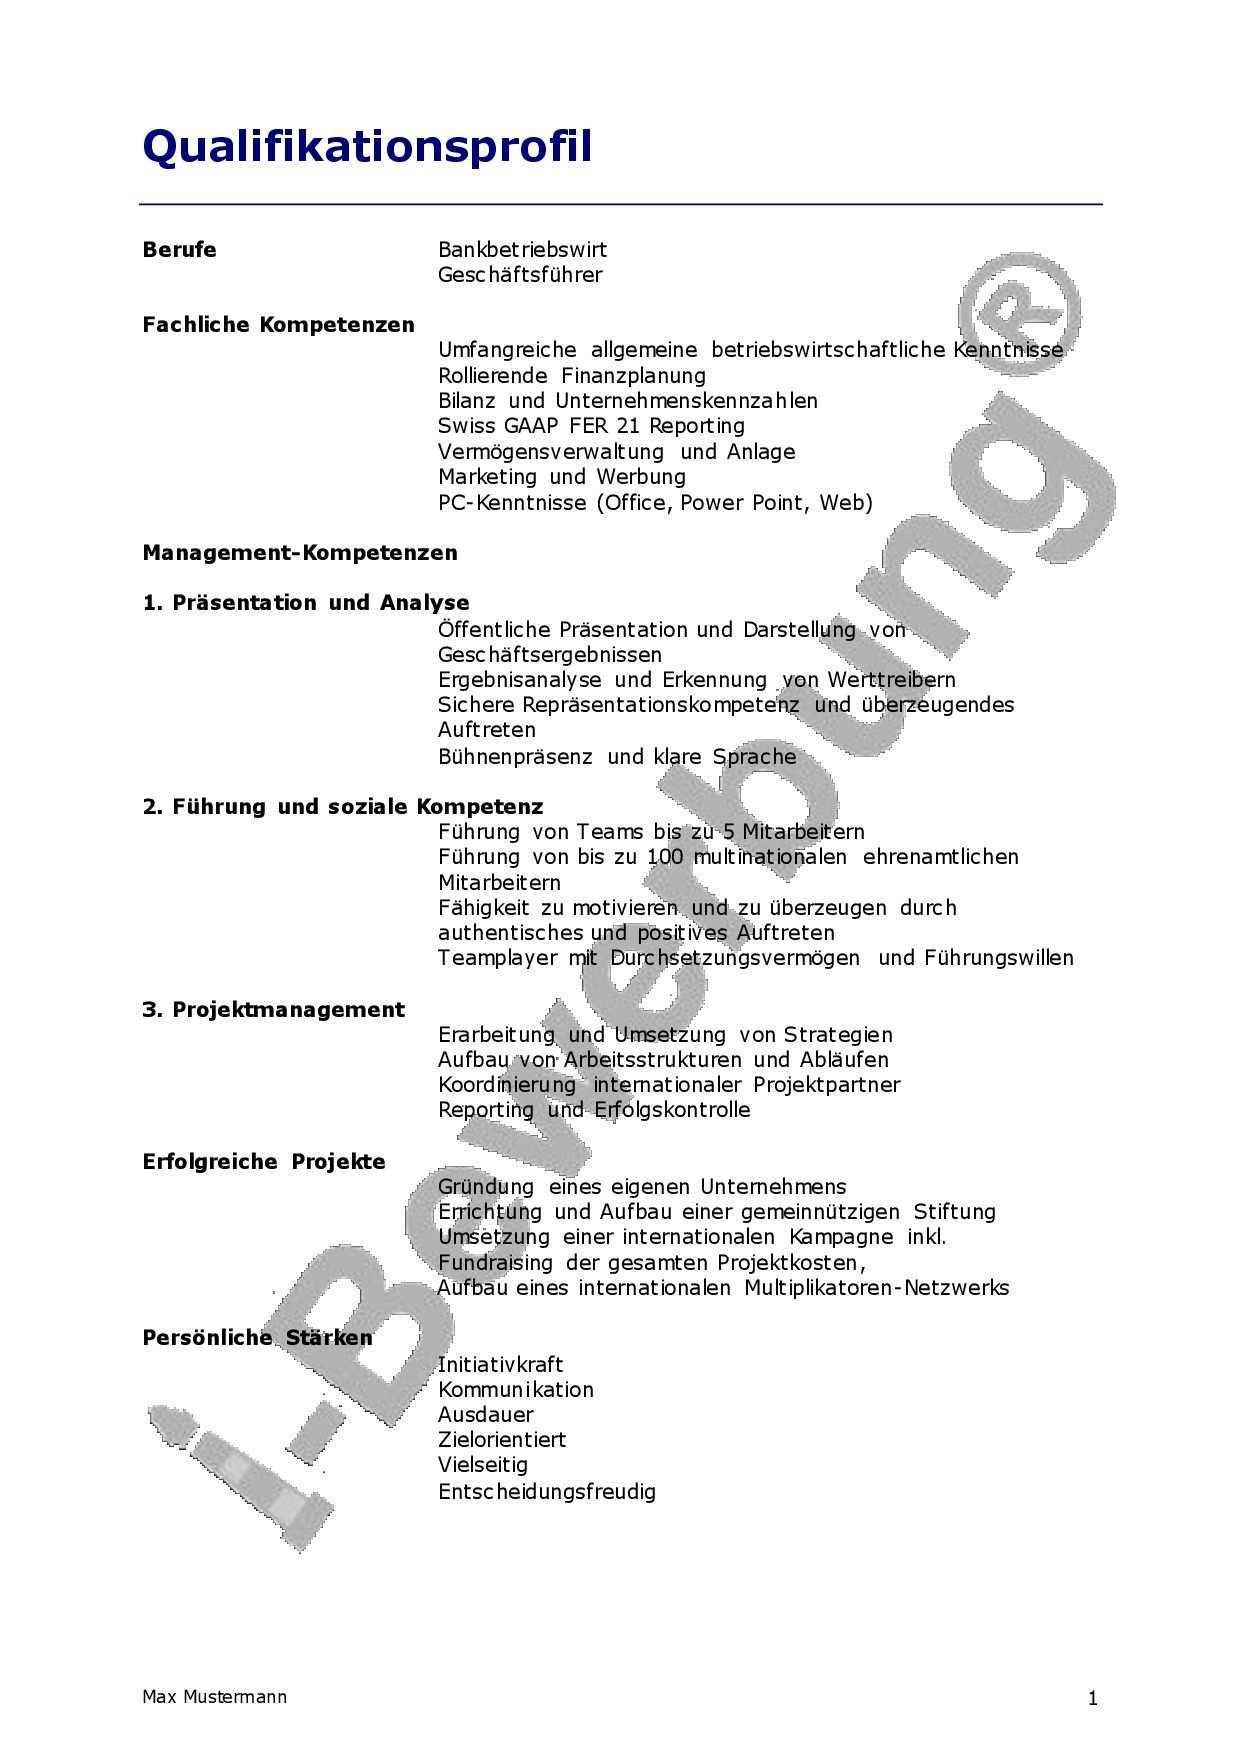 Beispiel Qualifikationsprofil Zur Initiativbewerbung Vorlagen Lebenslauf Lebenslauf Bewerbung Lebenslauf